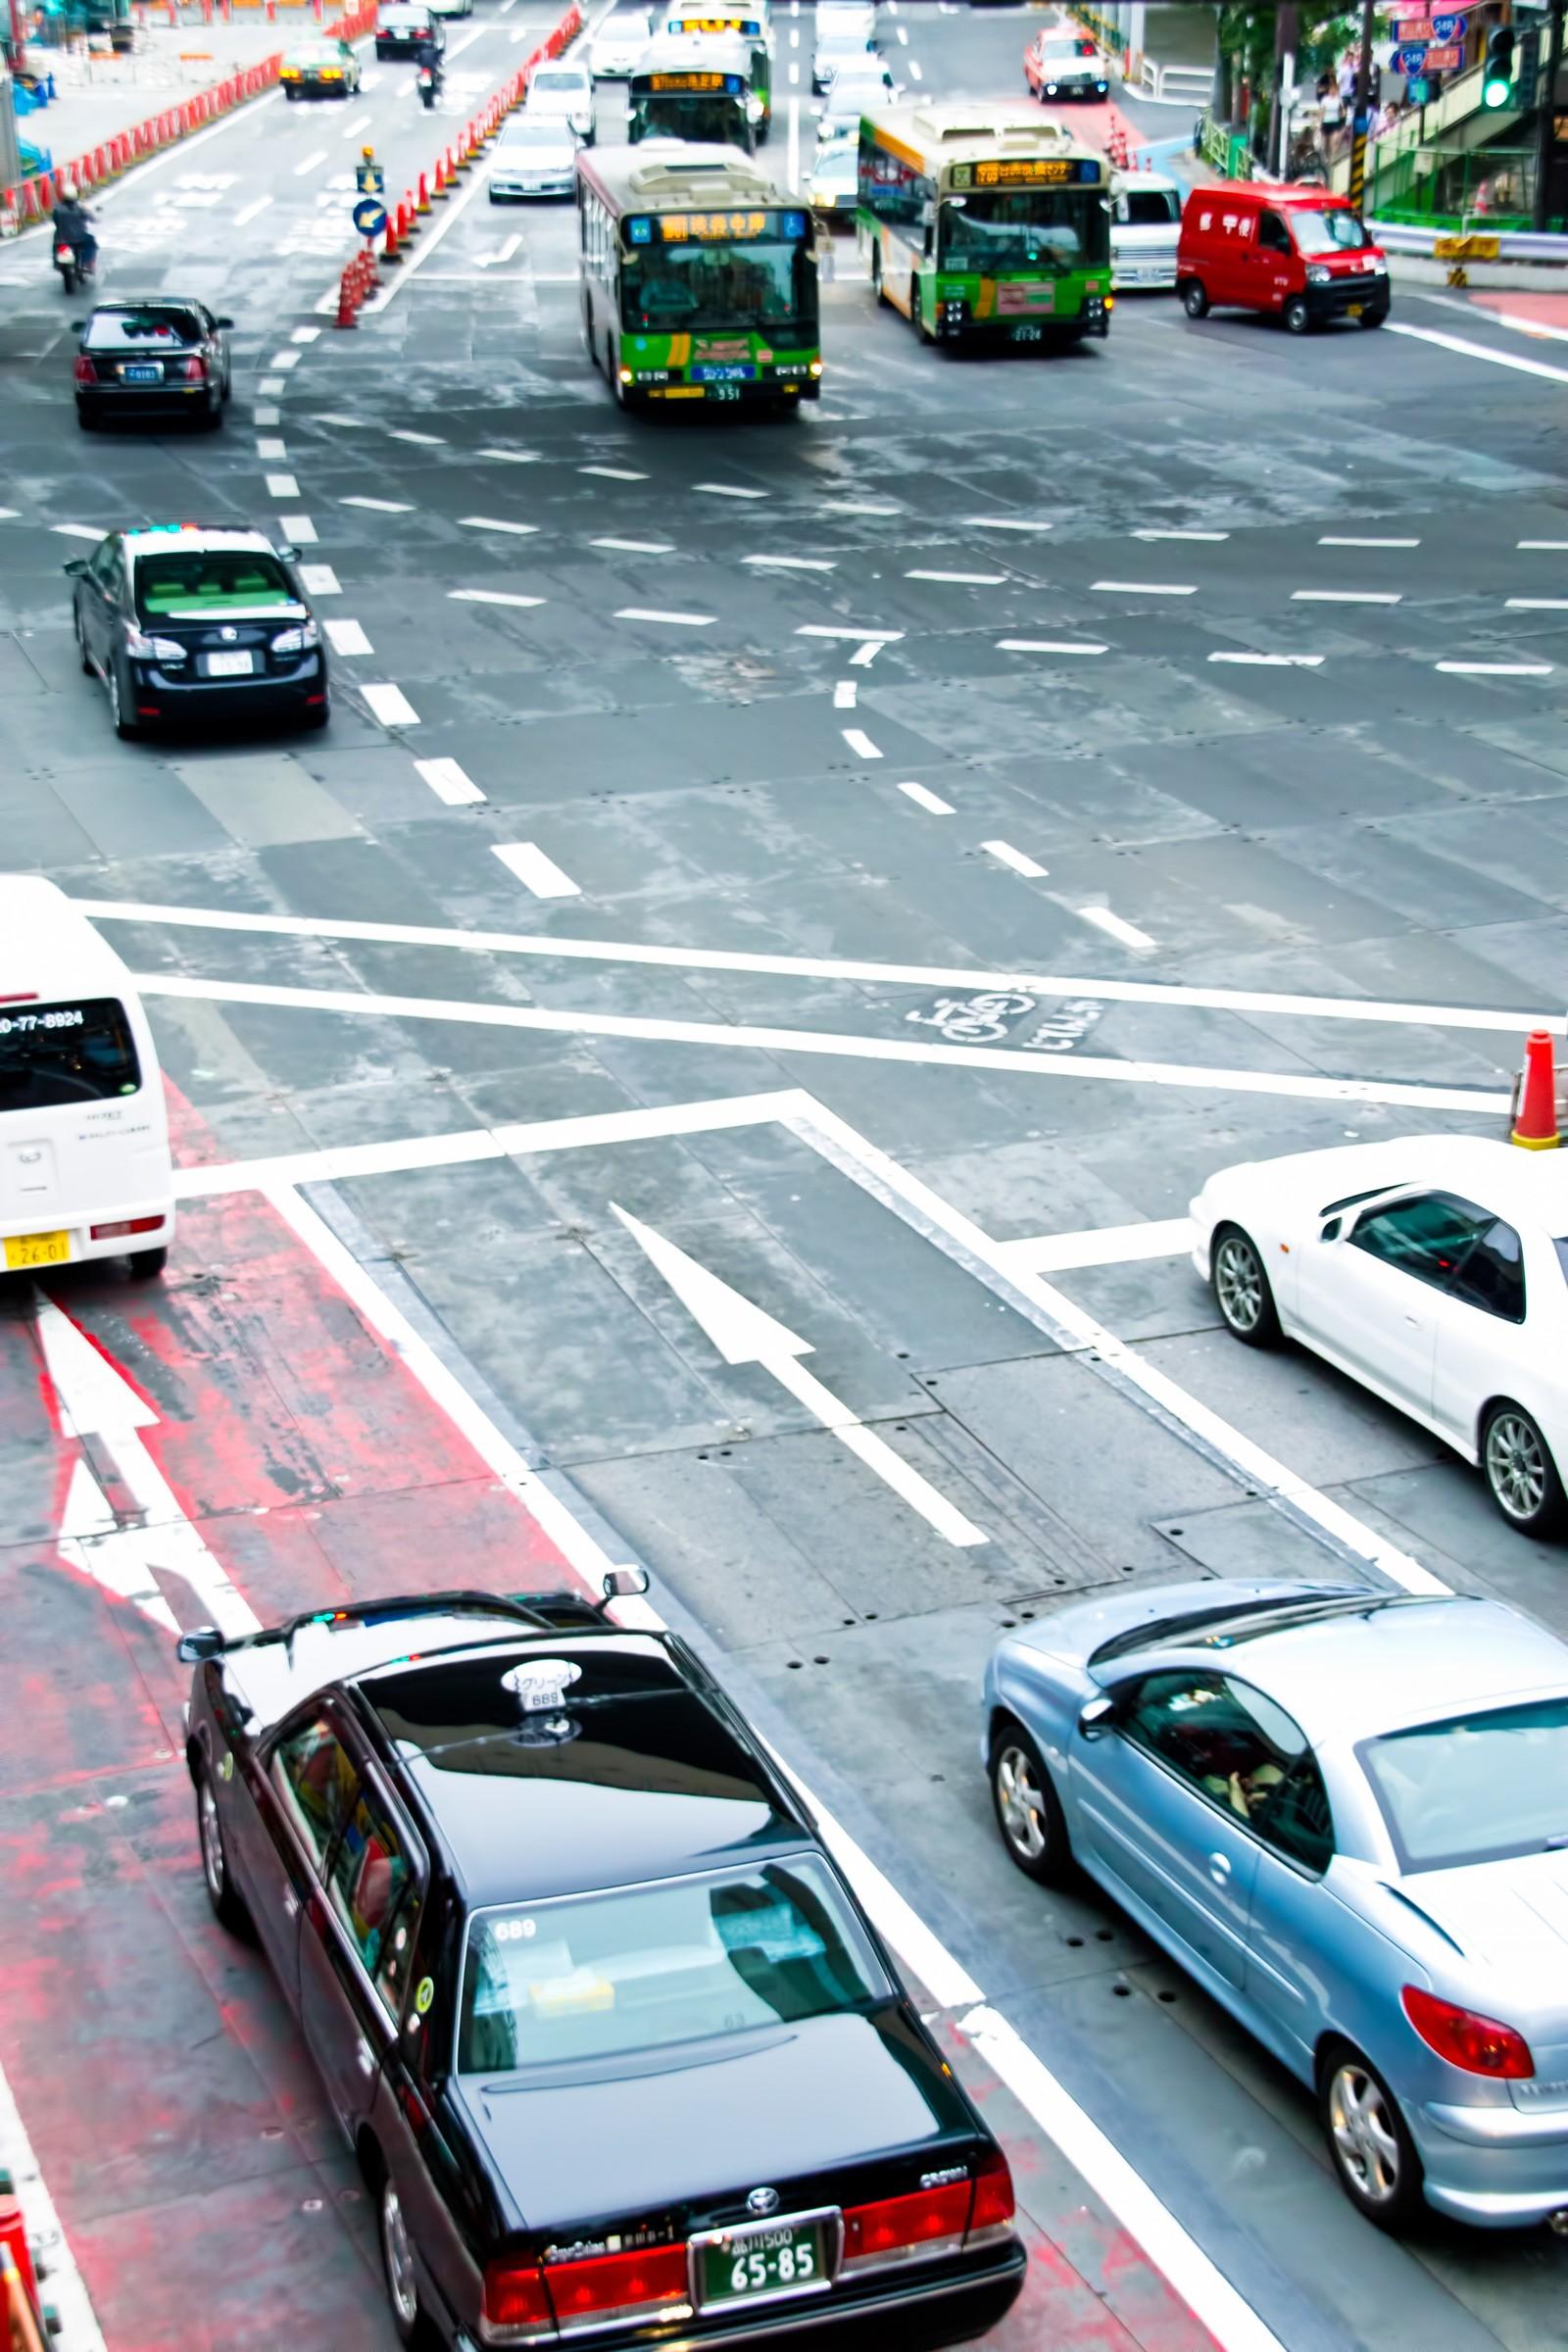 【事故に注意】コロナの影響で交通量が増え続けています!